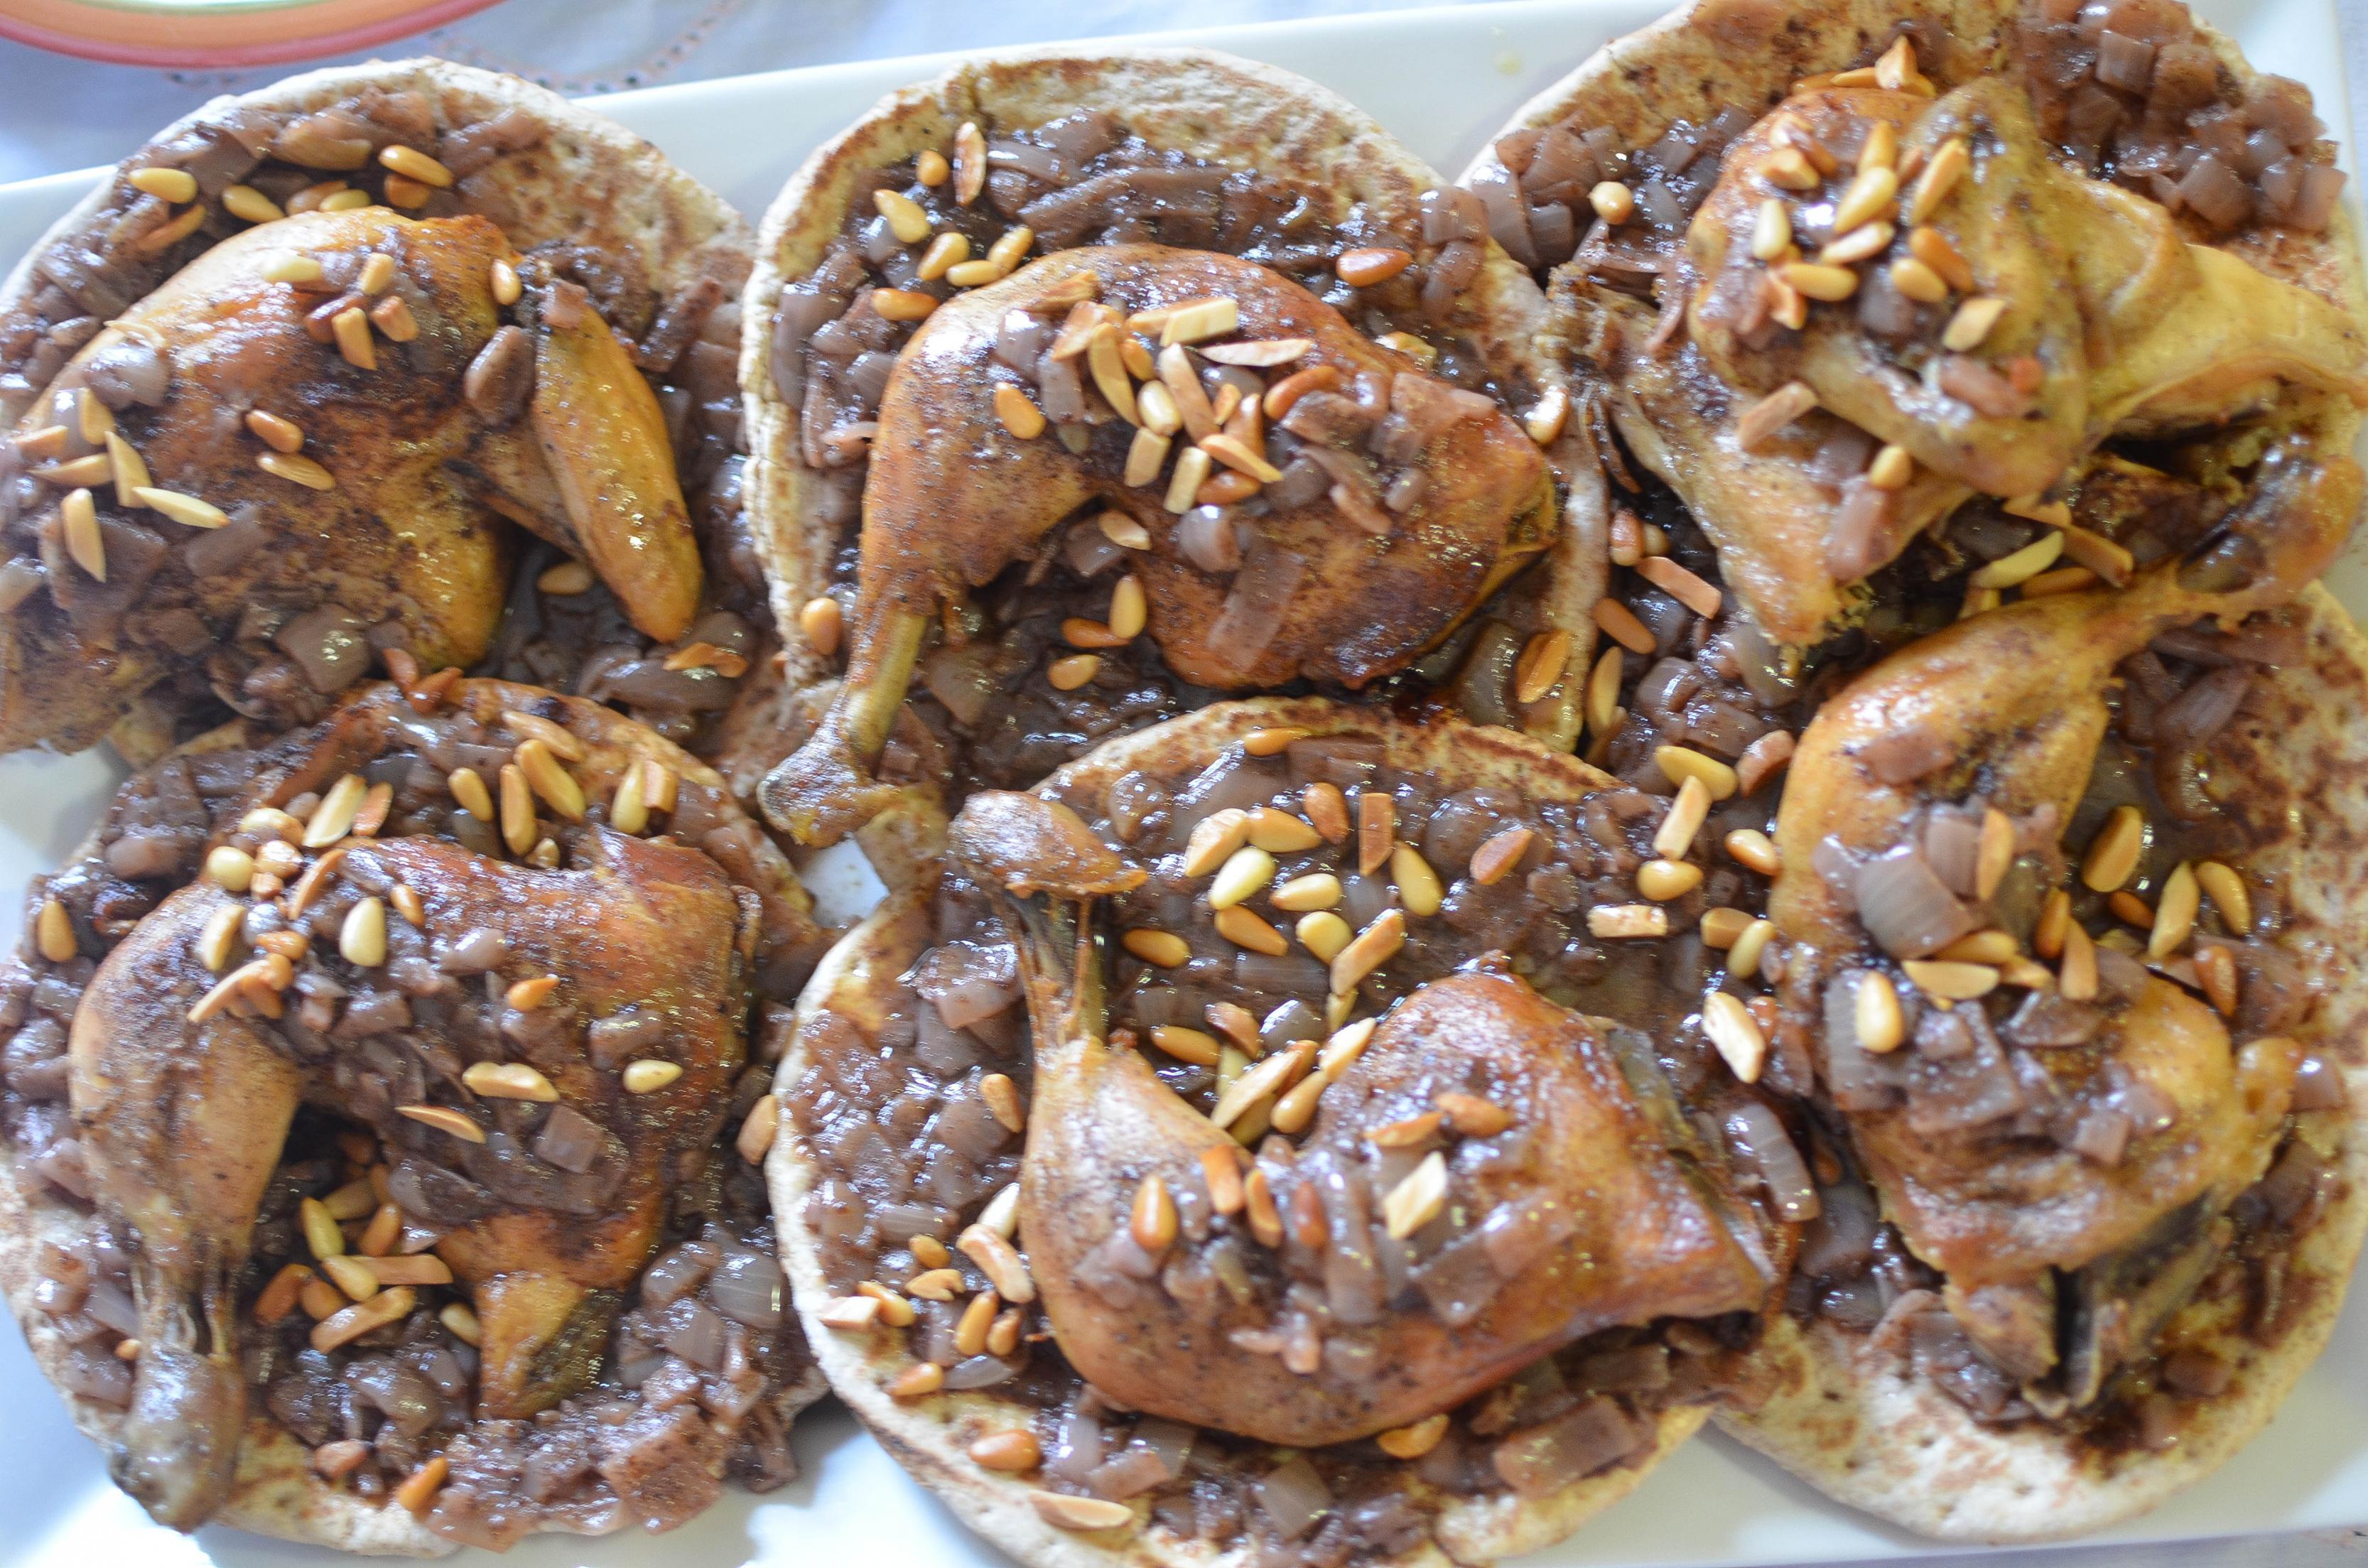 بالصور طبخات فلسطينية بالصور , اعملى لعيلتك اكلات جديدة على طريقة فلسطين 1423 9